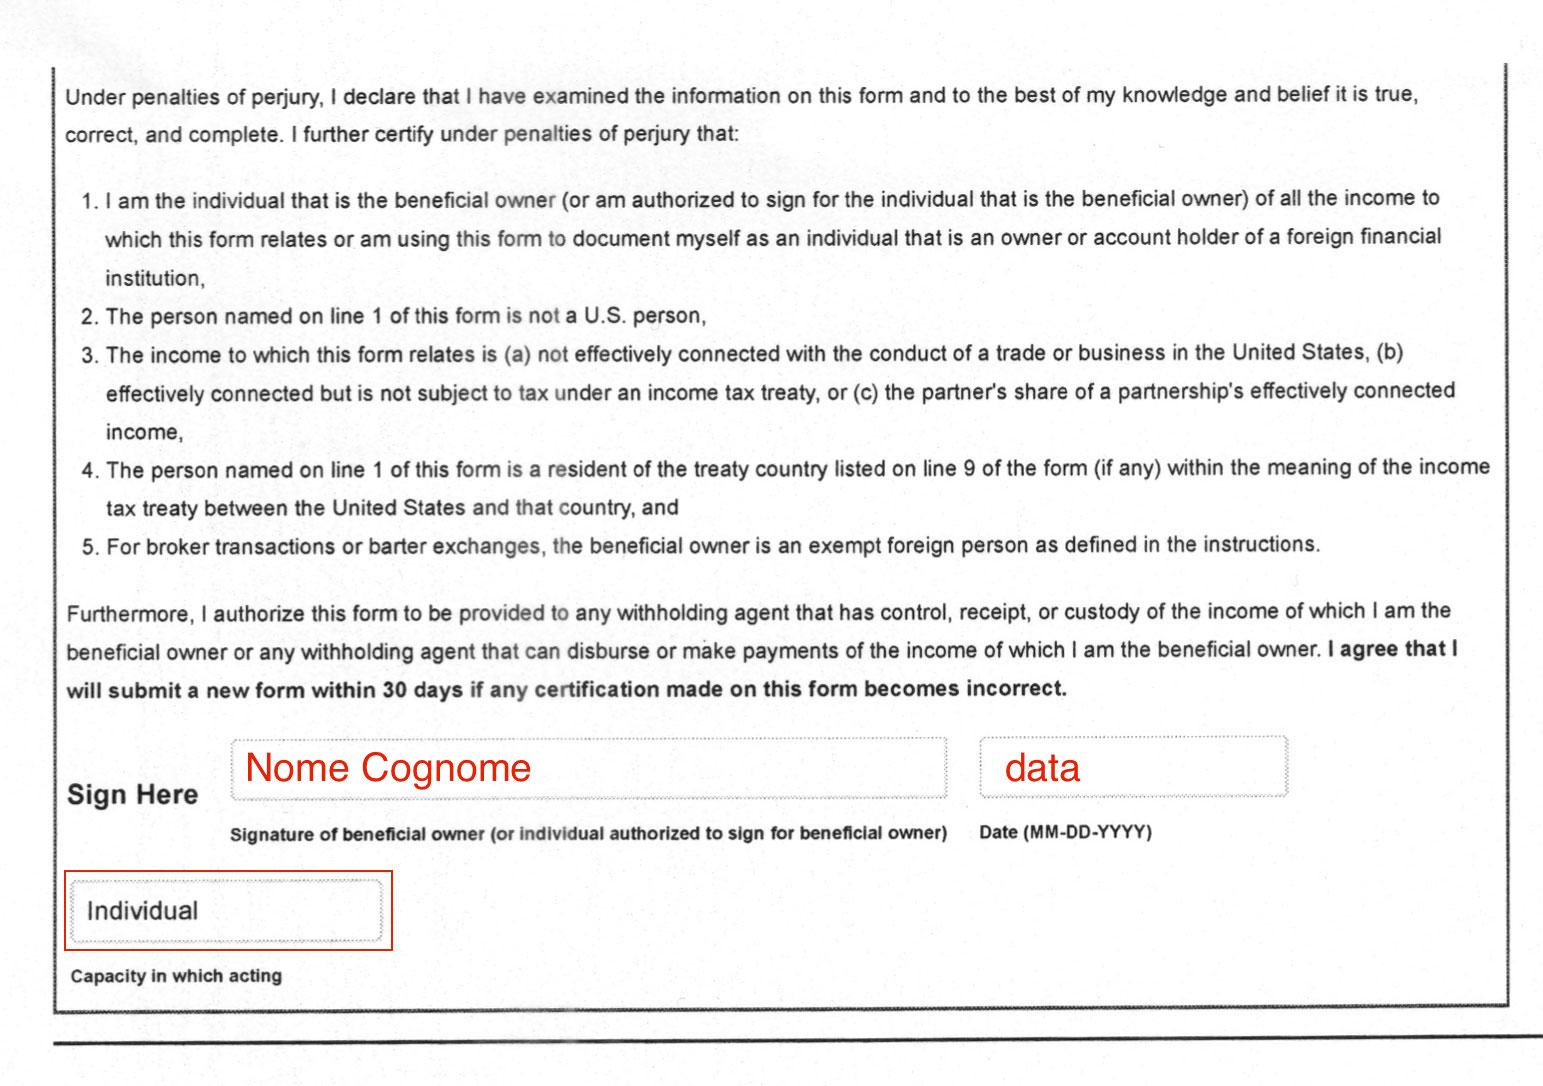 modulo tax info parte3